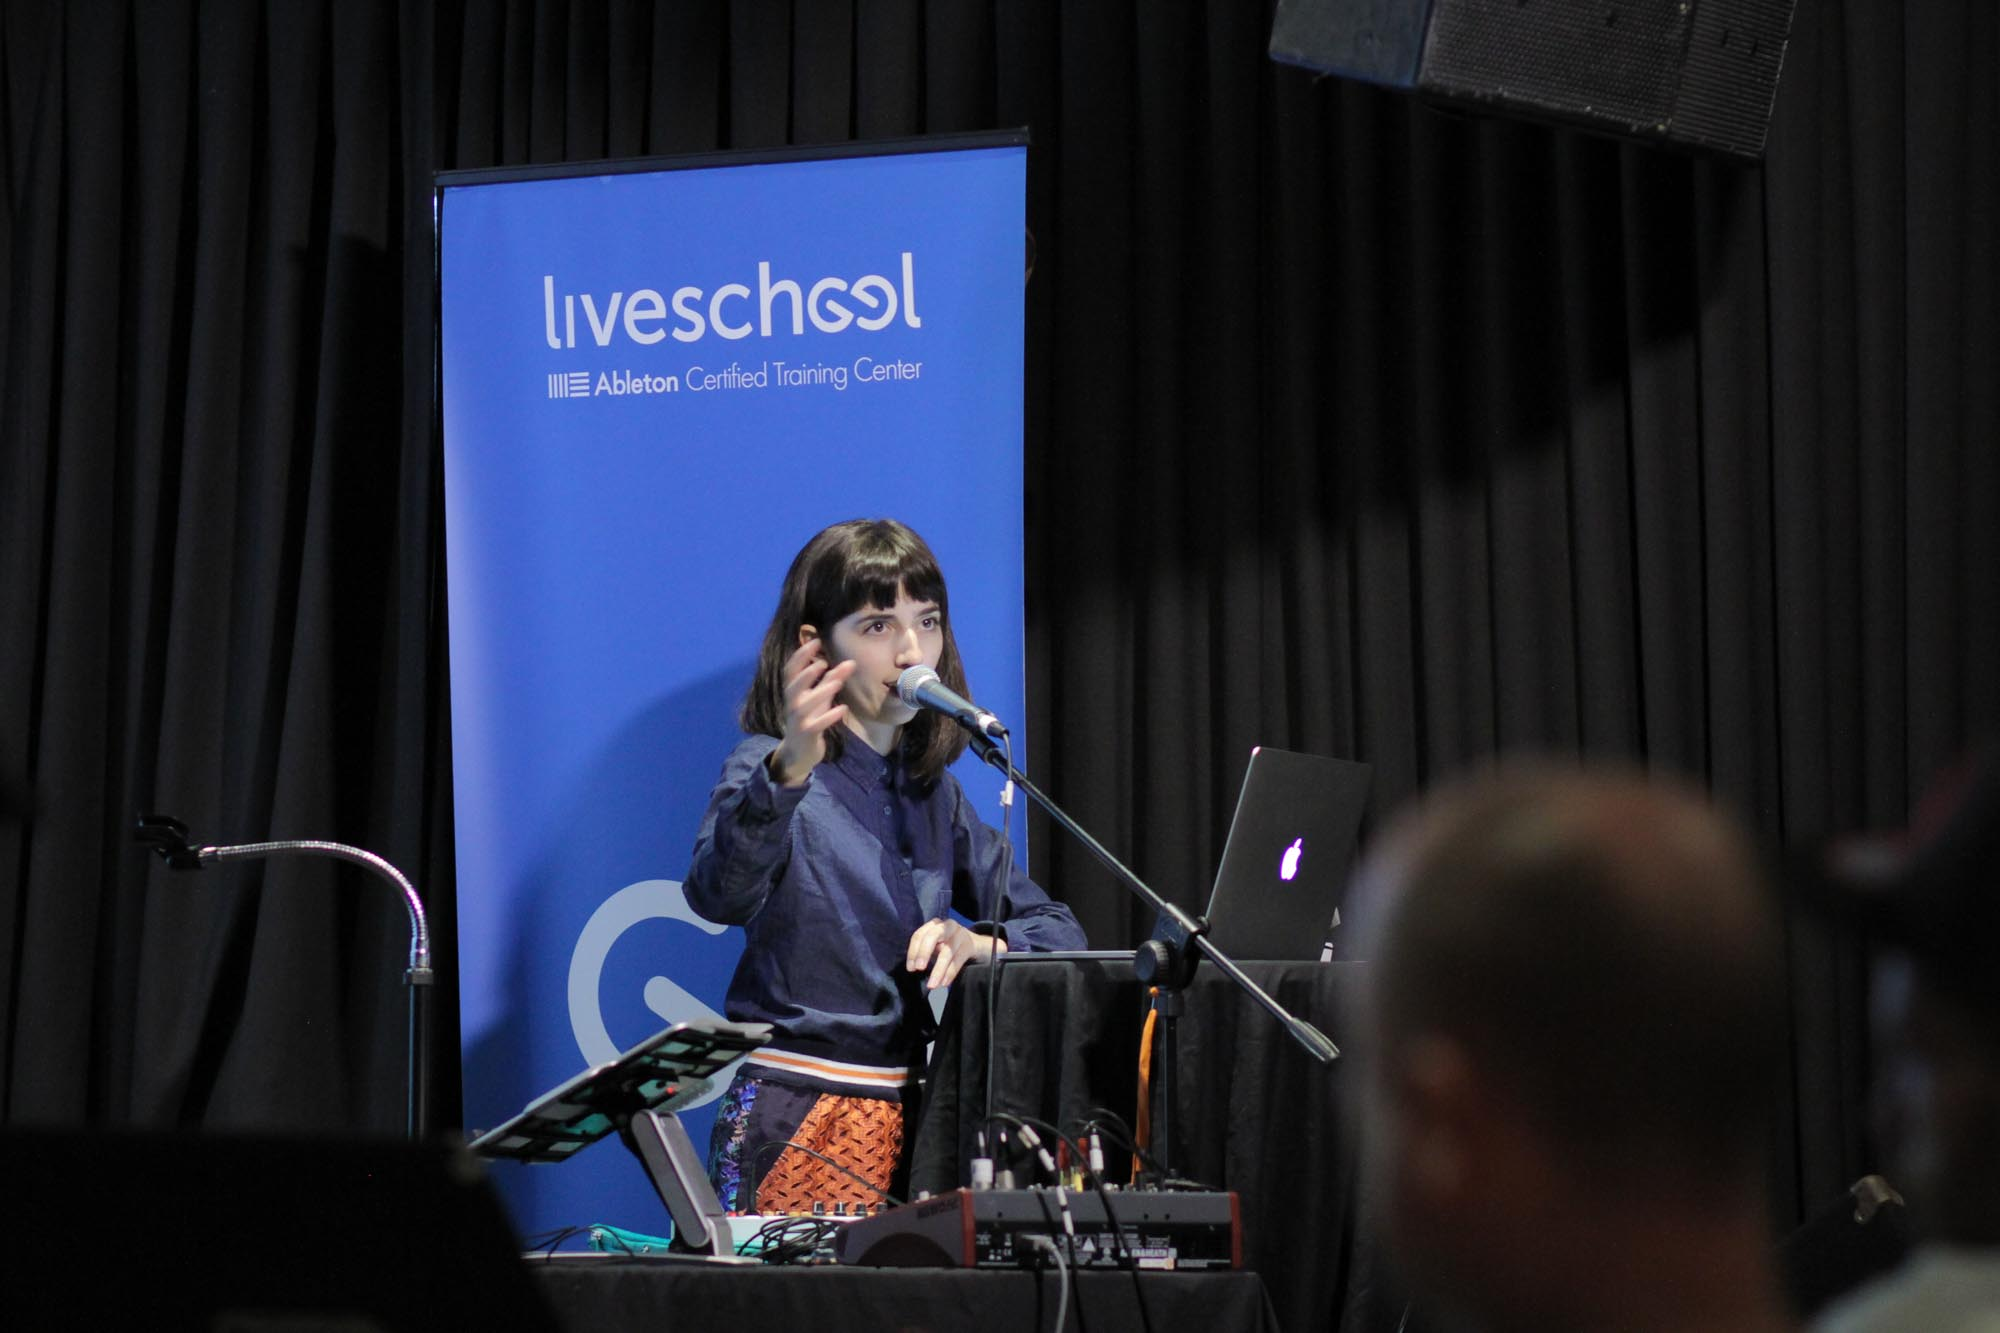 Elizabeth rose Ableton Live school input